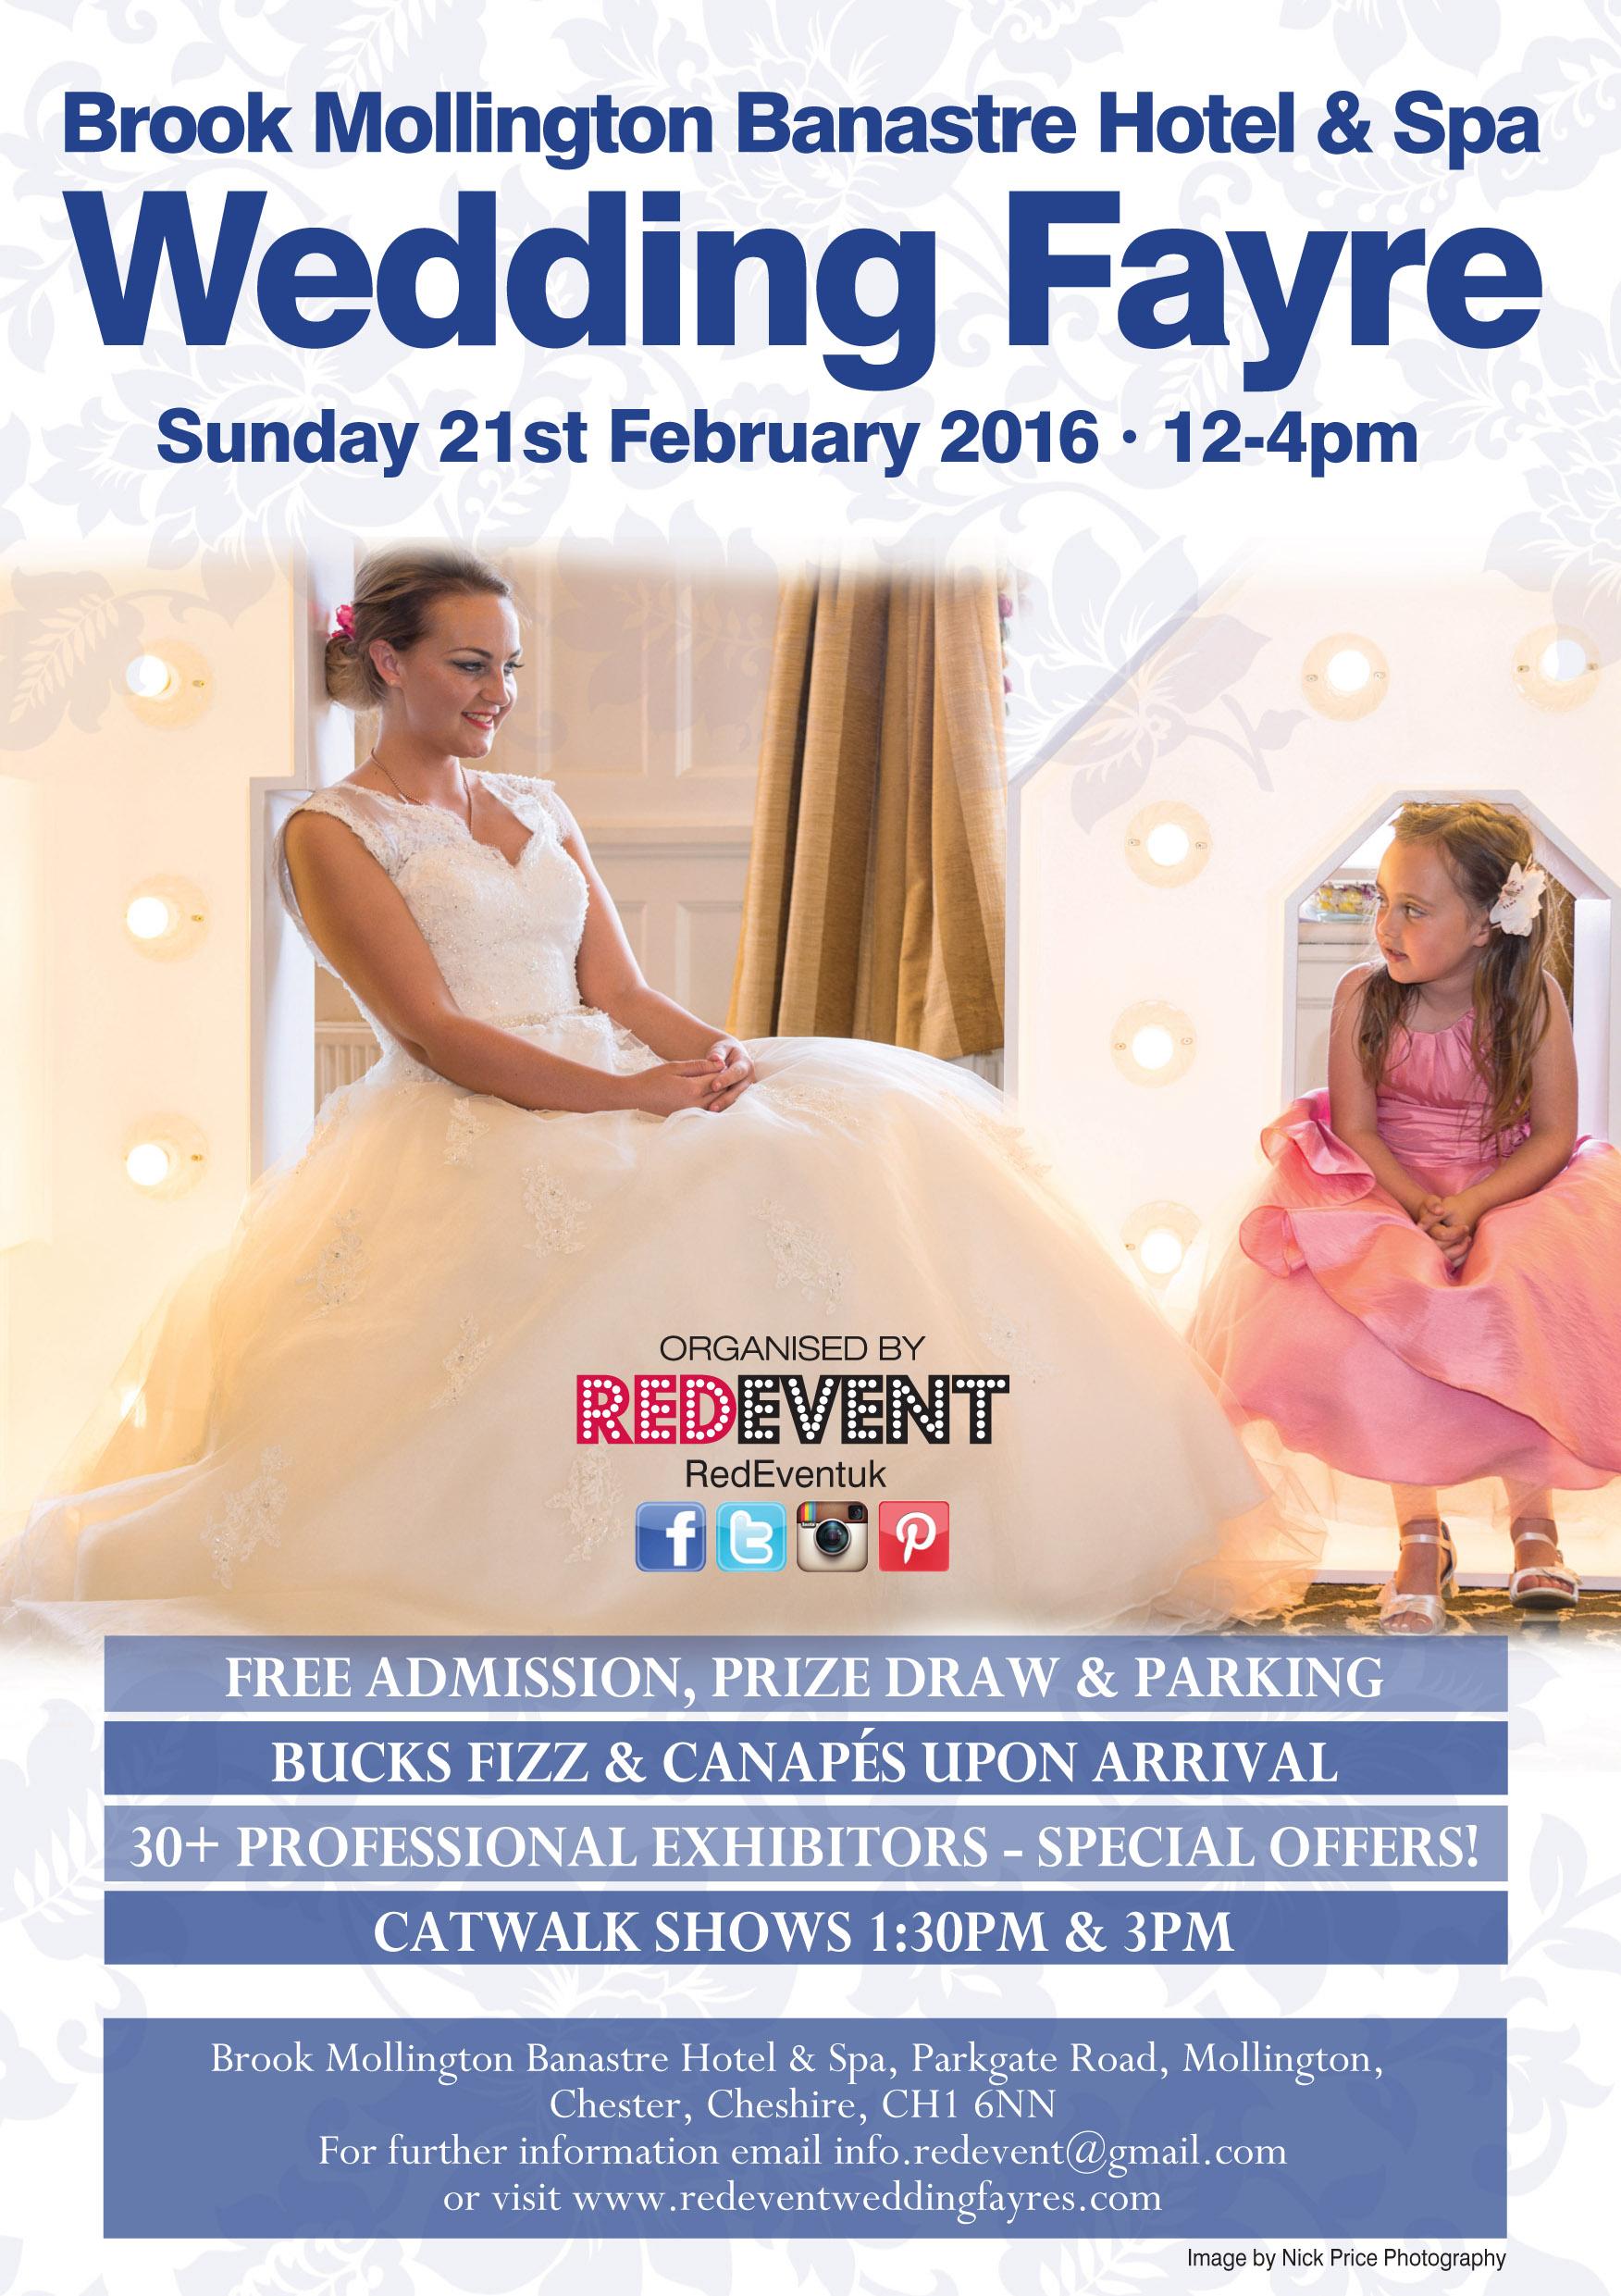 Brook Mollington Banastre Hotel & Spa Wedding Fayre